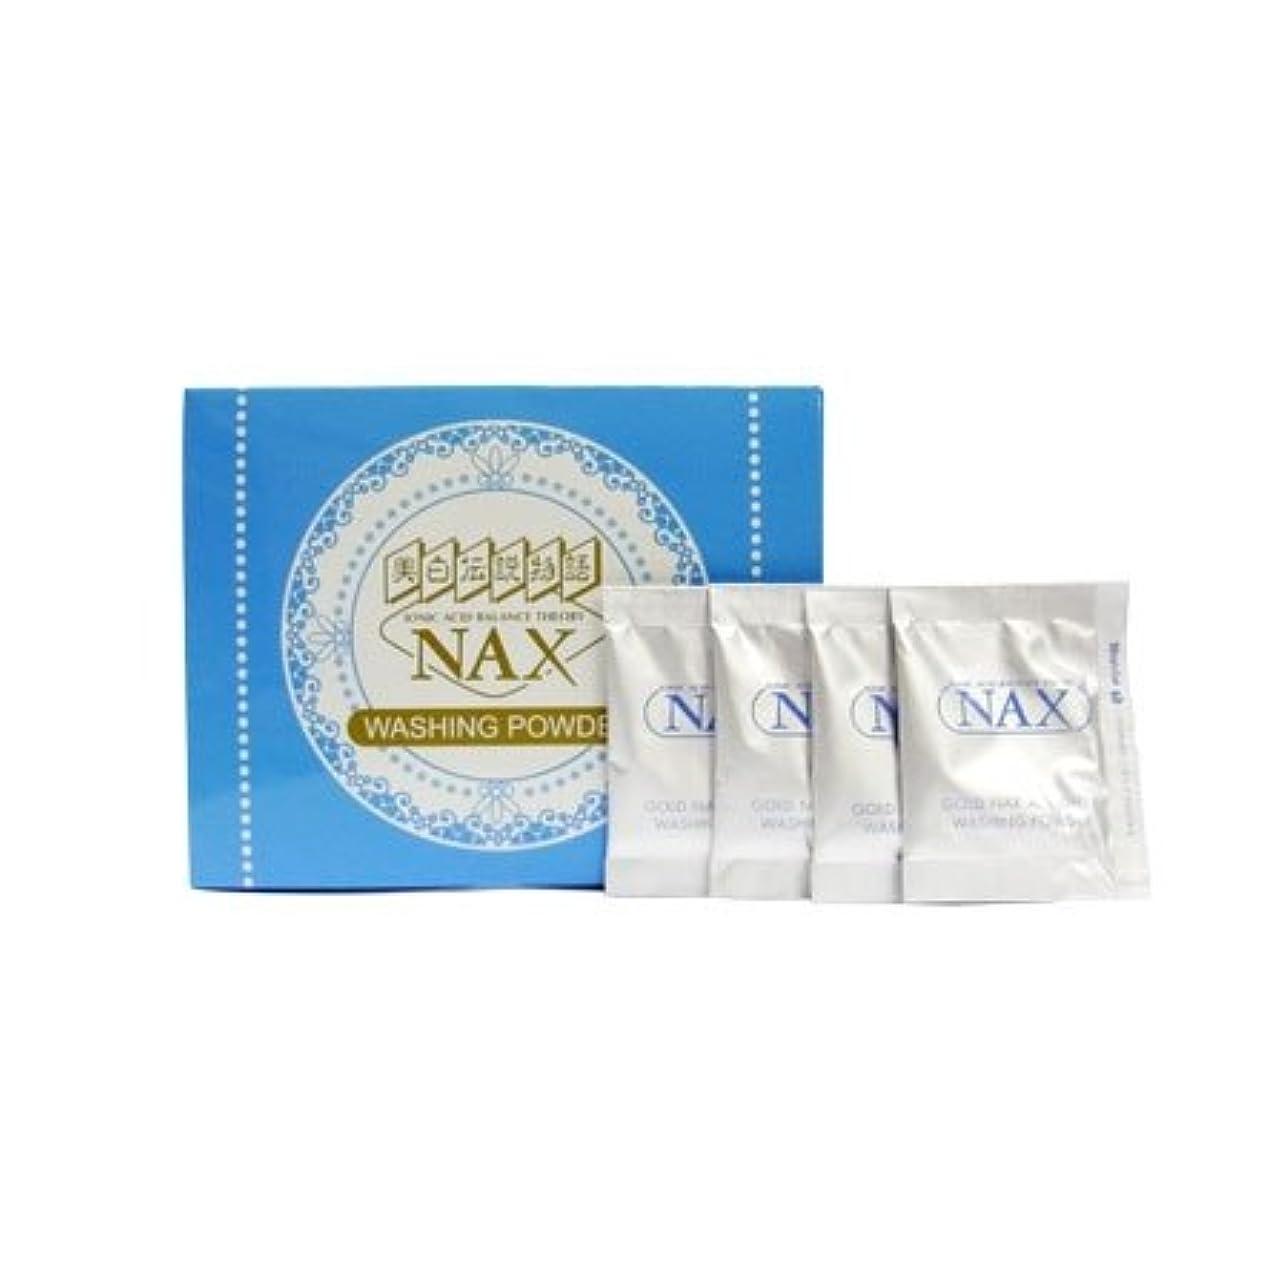 エンジニアリング置き場ミュート洗顔パウダー ウォッシングパウダー 洗顔 弱酸性 酵素洗顔料 敏感肌対応 (2箱)